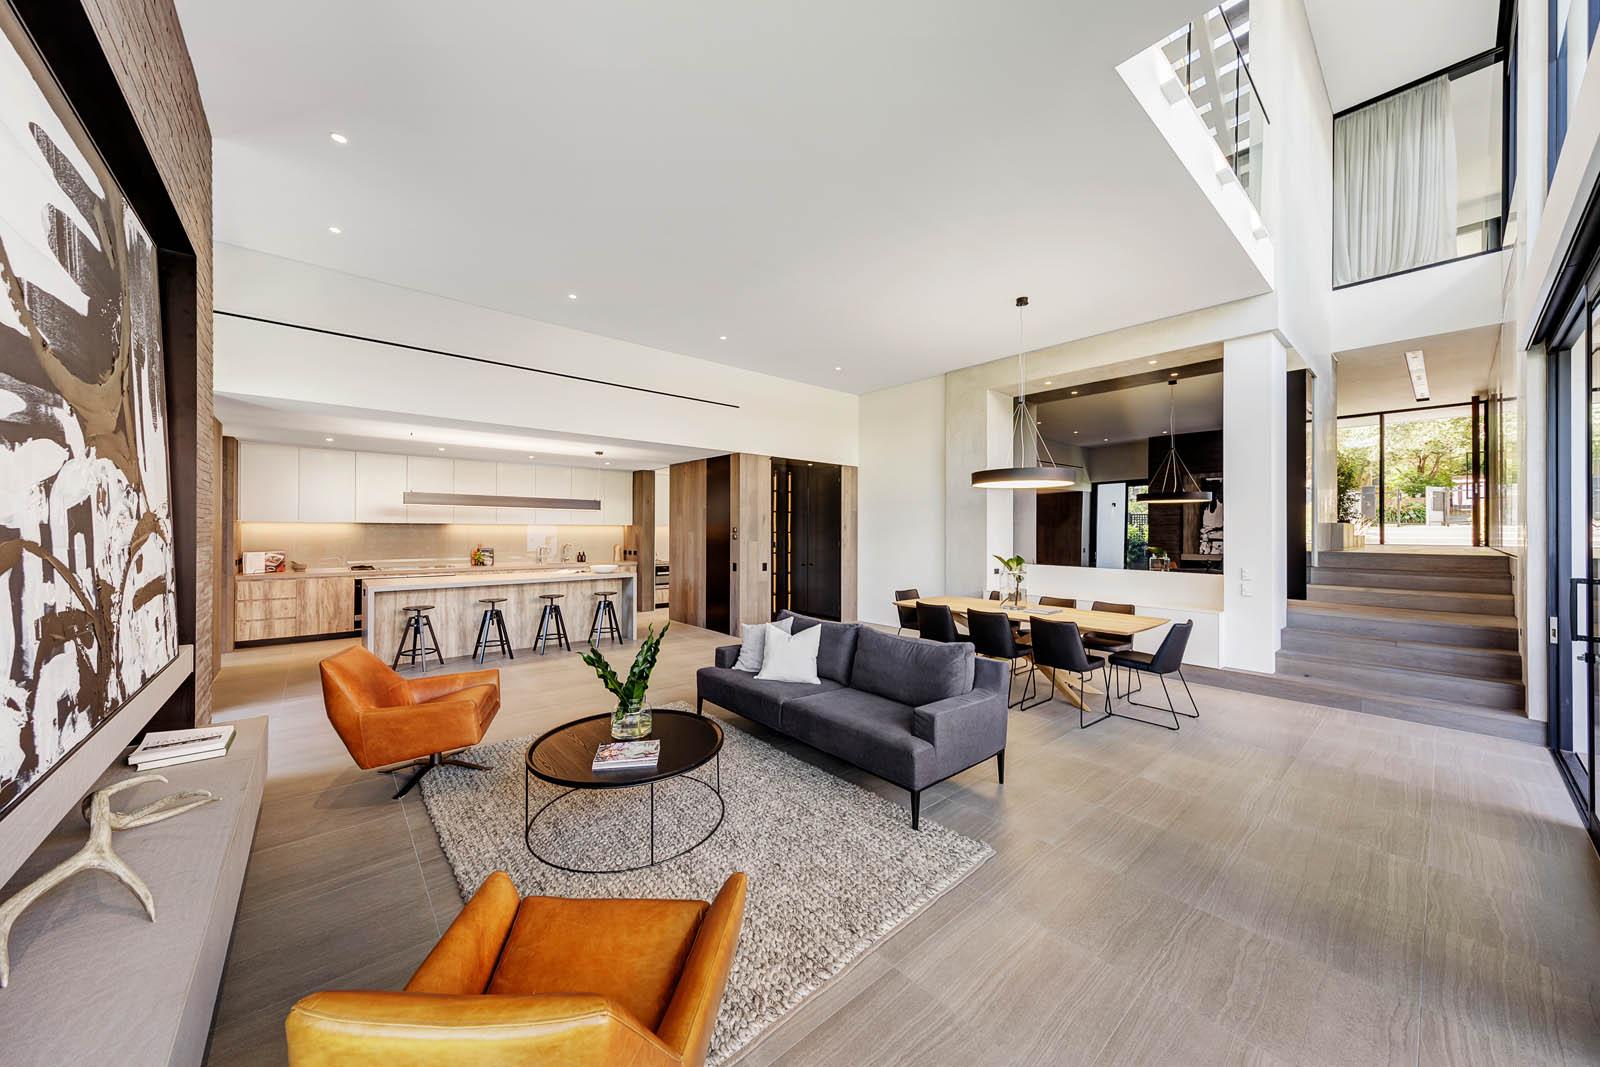 Decoración de interiores acogedora cálida y sofisticada en una casa de Melburne